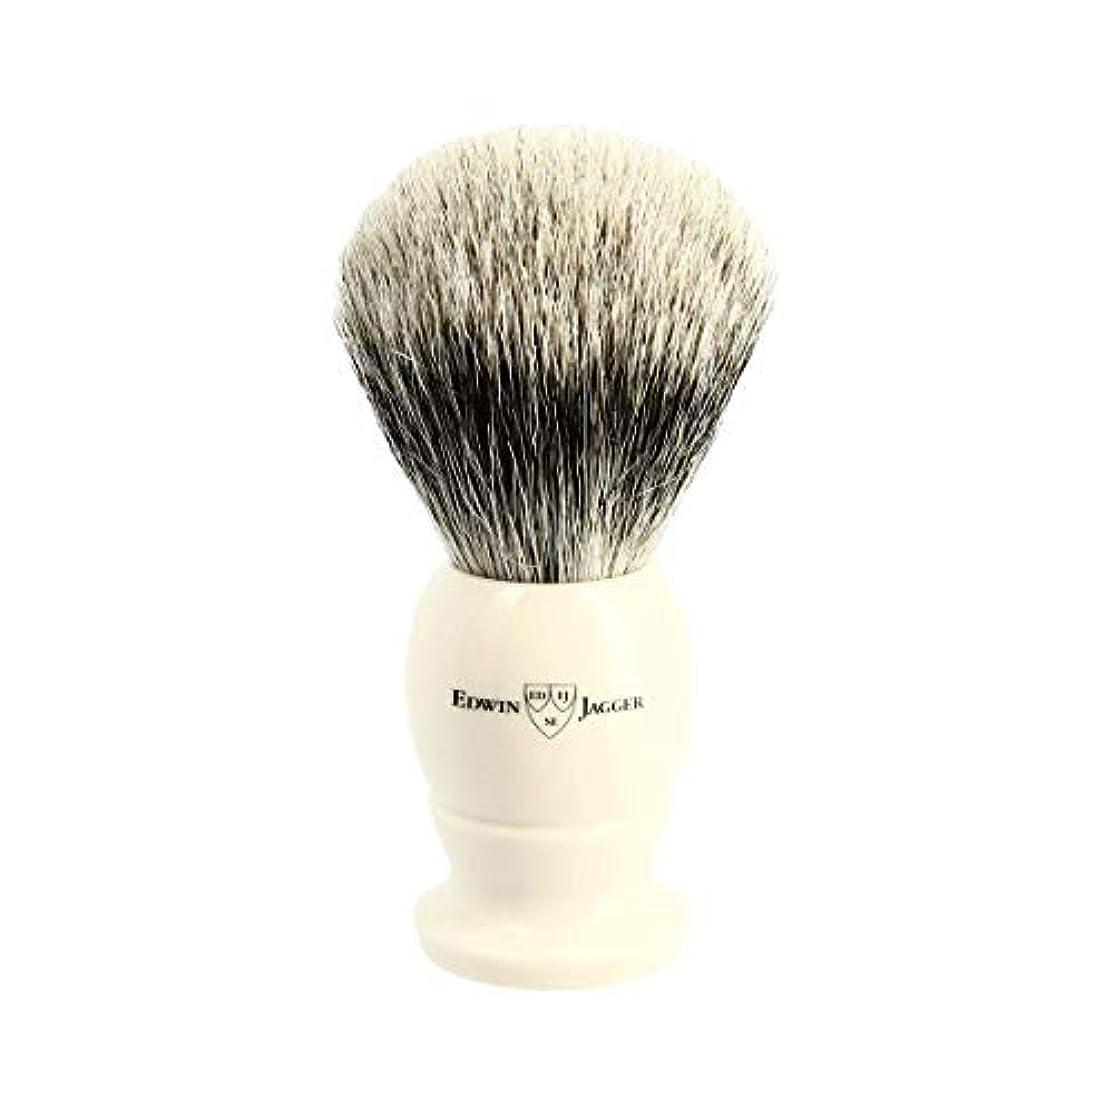 操作プレフィックスファイアルエドウィンジャガー アイボリー ベストバッジャーアナグマ毛 シェービングブラシ大3EJ877[海外直送品]Edwin Jagger Ivory Best Badger Shaving Brush Large 3EJ877...